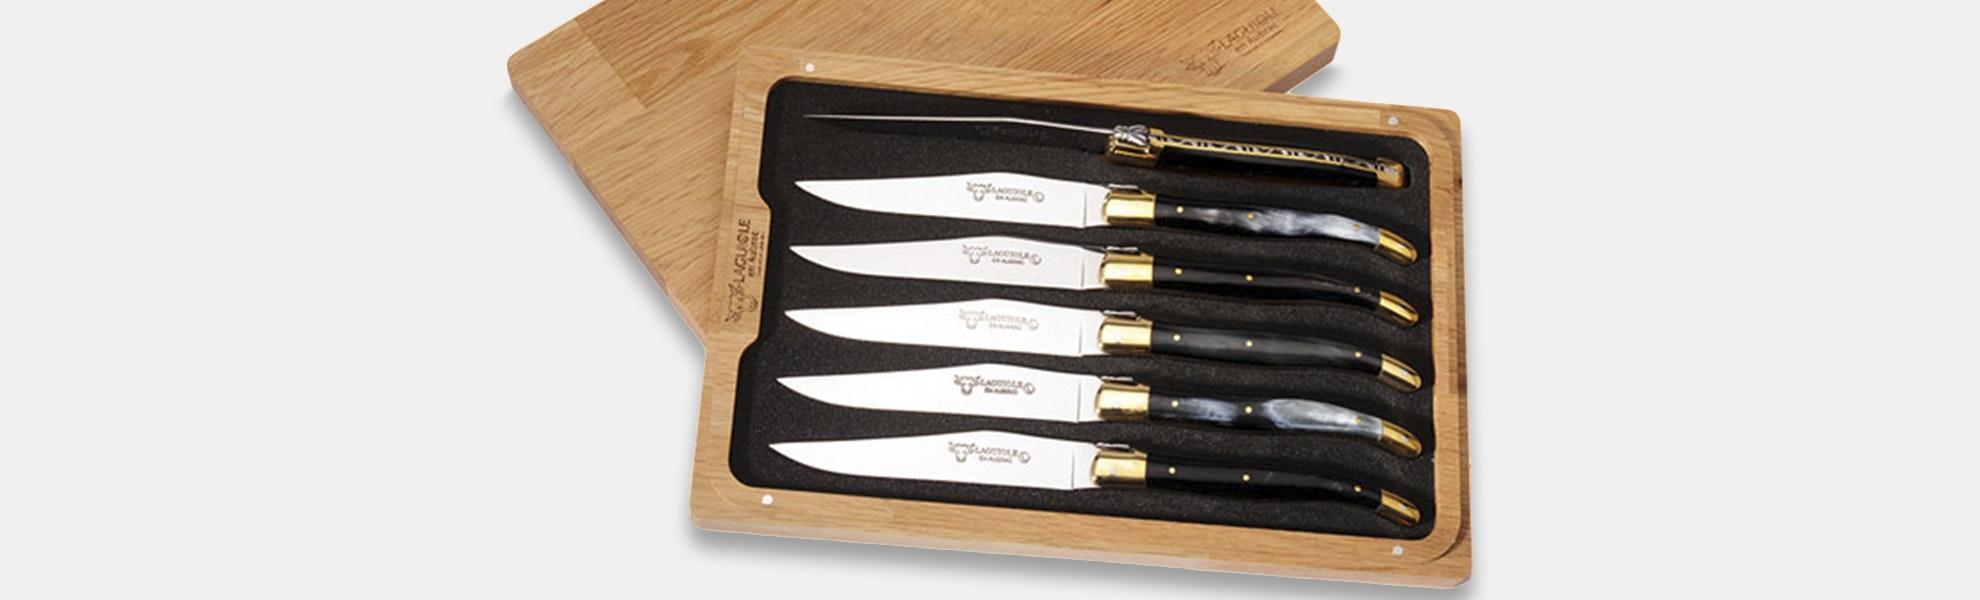 Laguiole Steak Knives (Set of 6)